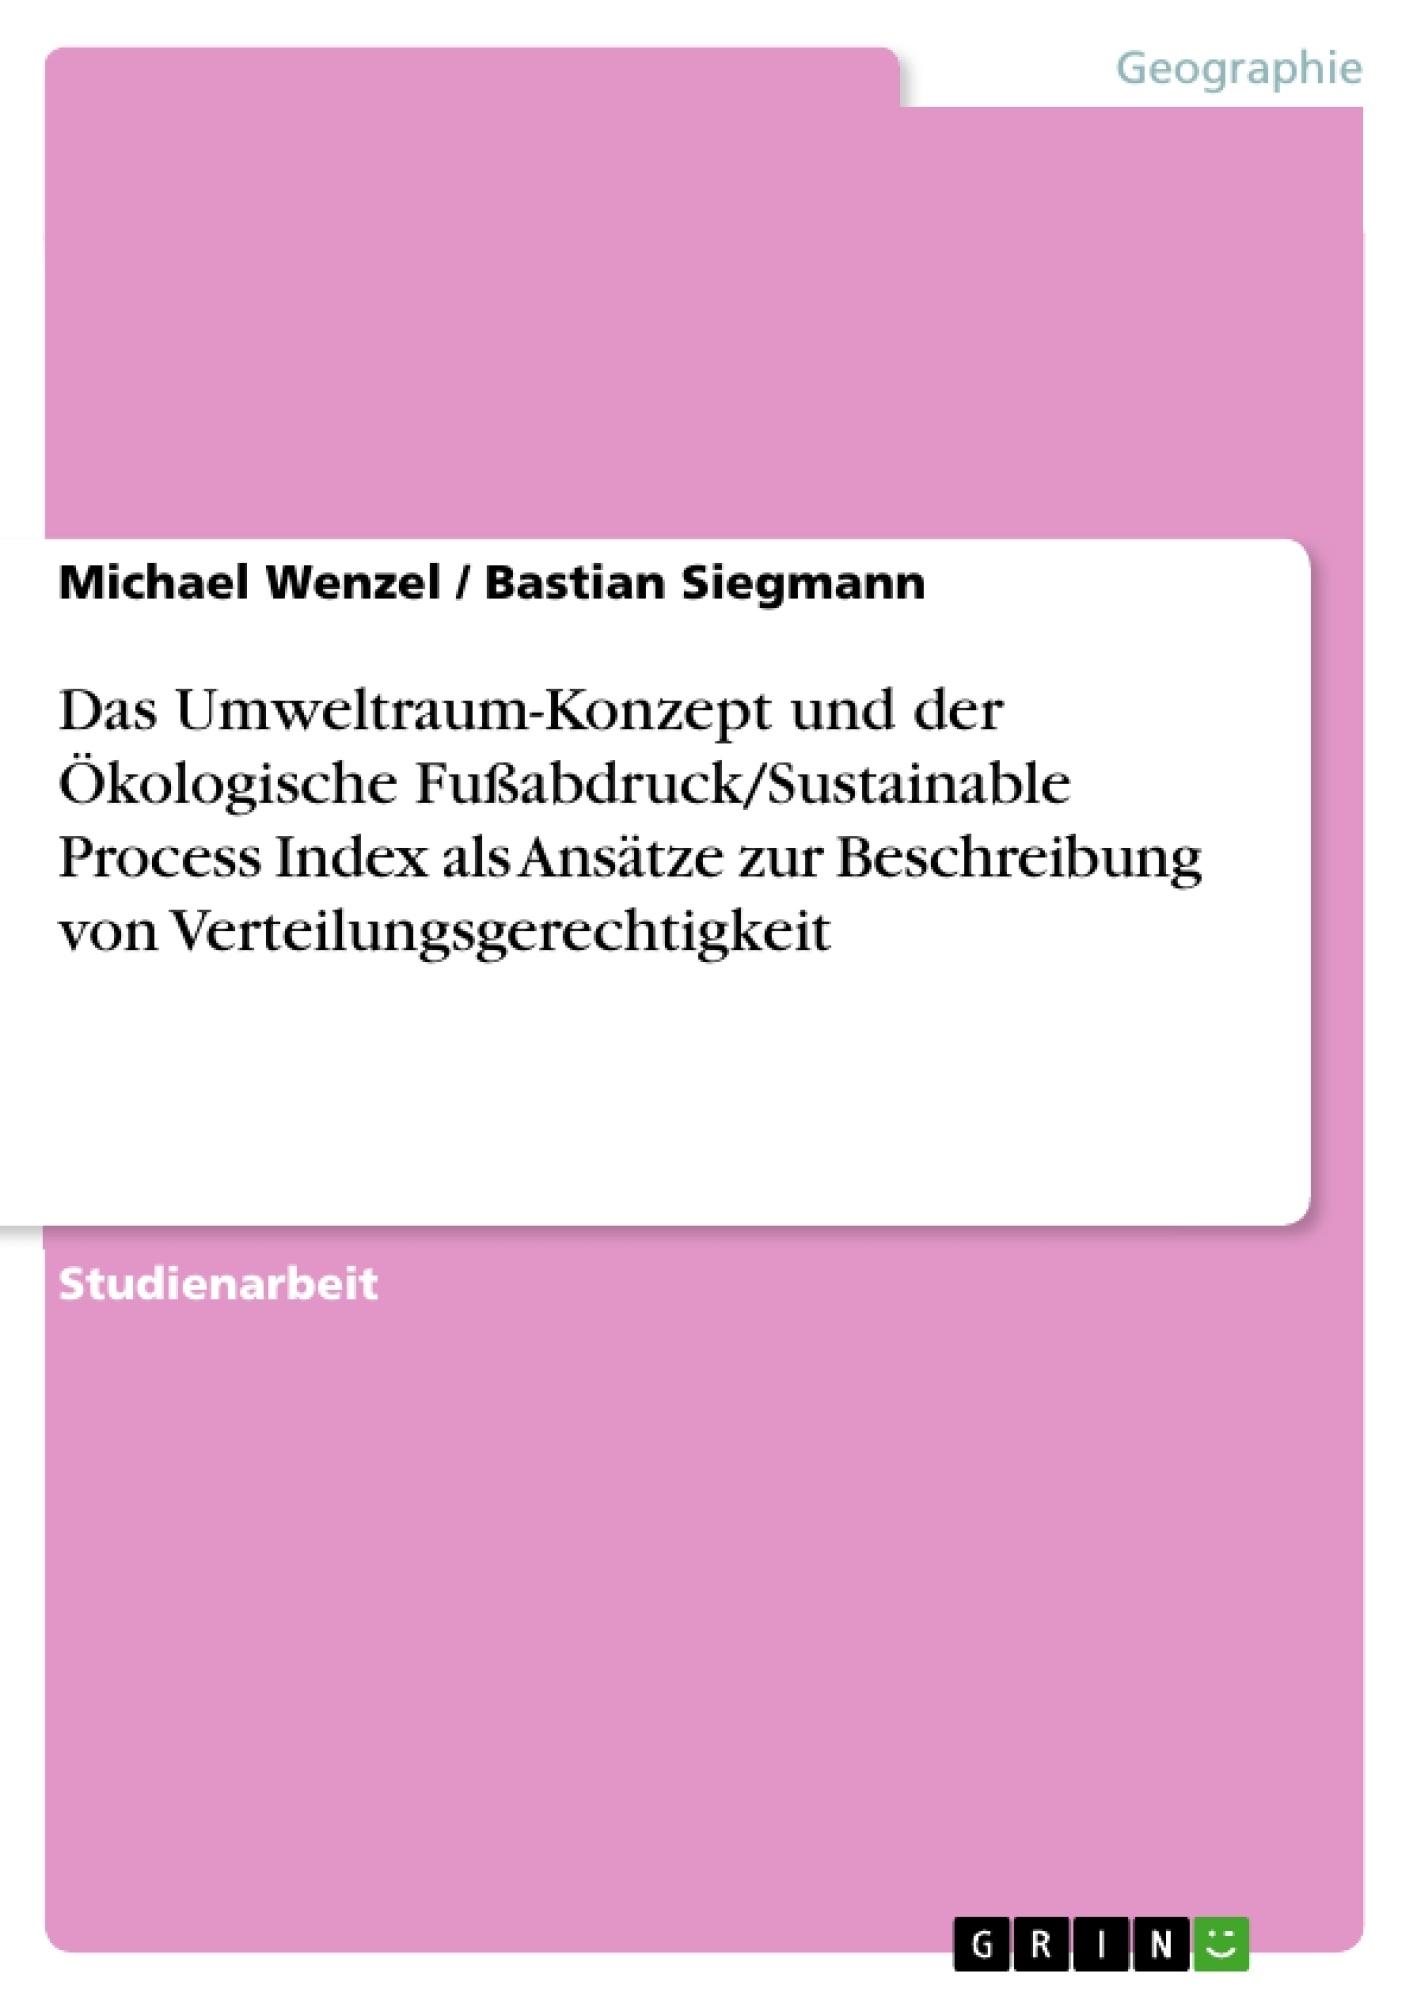 Titel: Das Umweltraum-Konzept und der Ökologische Fußabdruck/Sustainable Process Index als Ansätze zur Beschreibung von Verteilungsgerechtigkeit